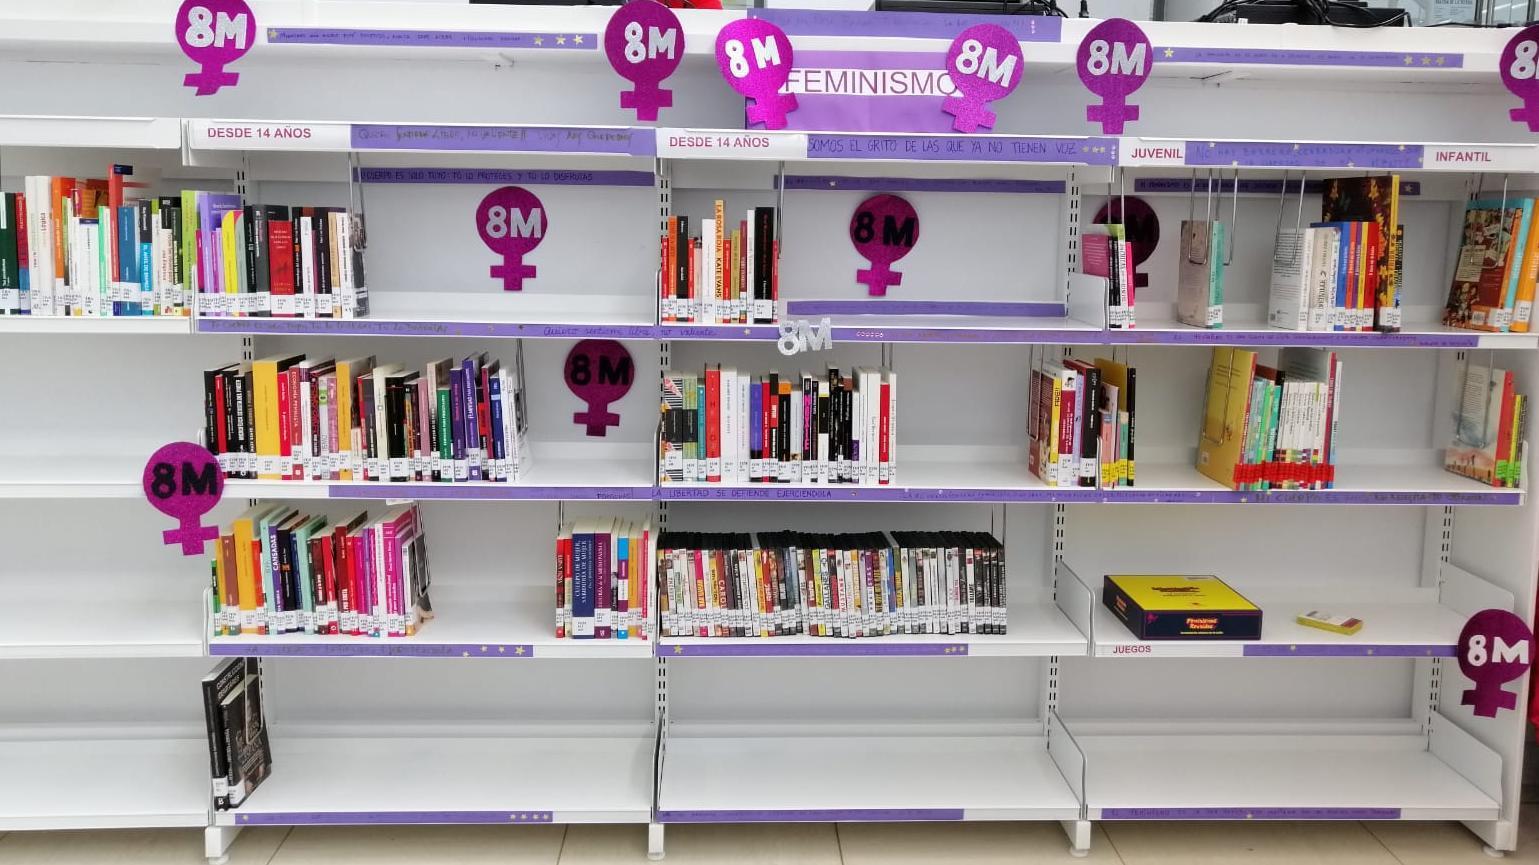 AMPLIAR FONDOS BIBLIOGRÁFICOS SOBRE FEMINISMO E IGUALDAD